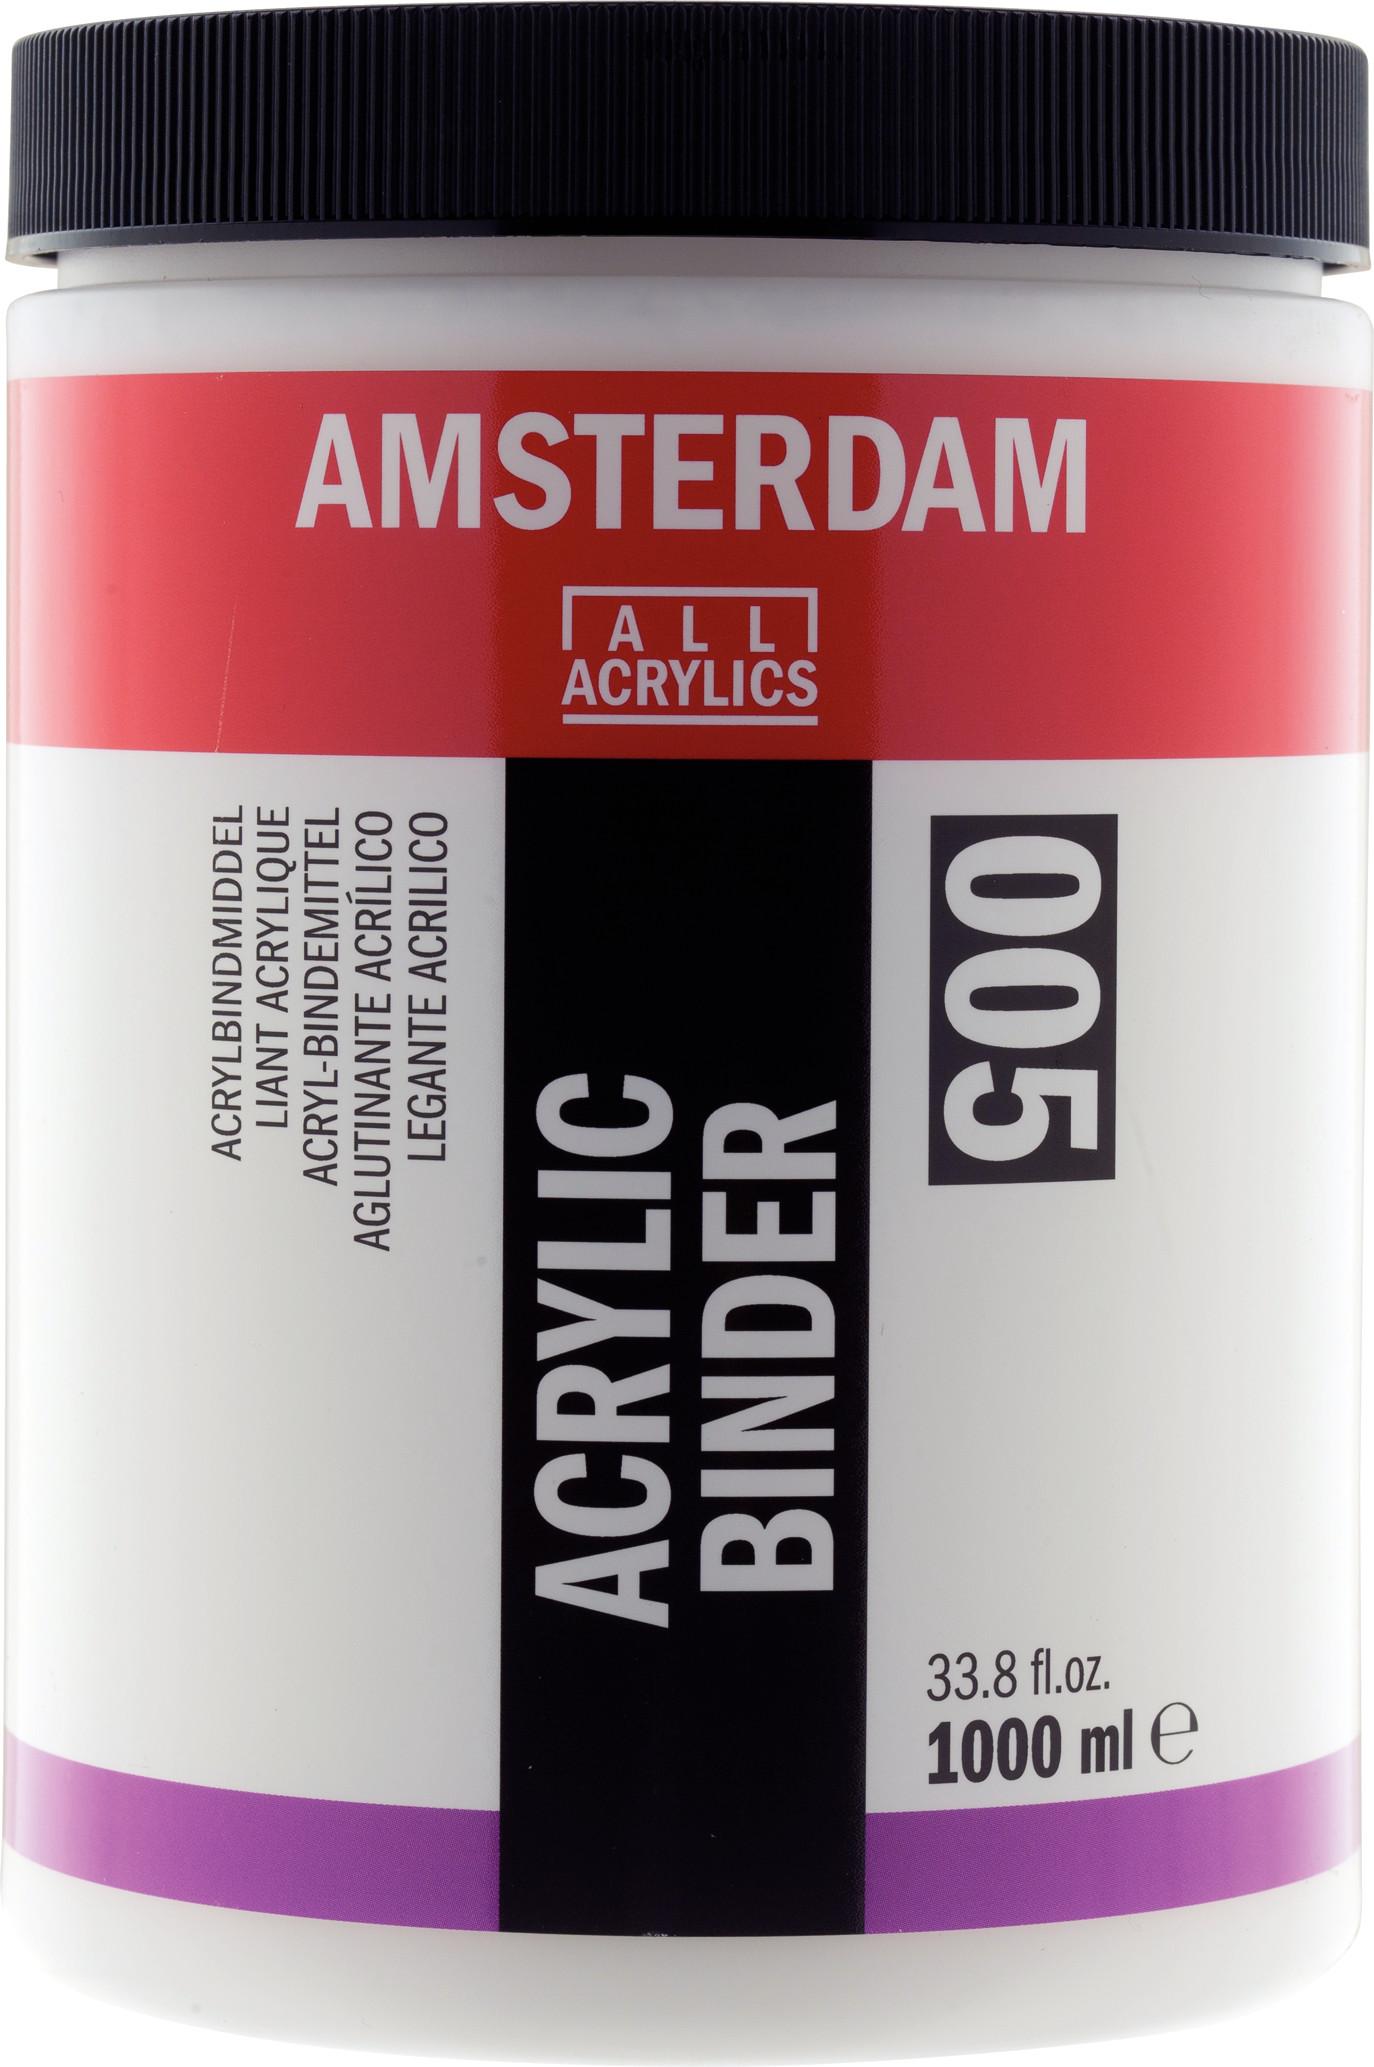 Amsterdam Acrylic Binder Jar 1000 ml